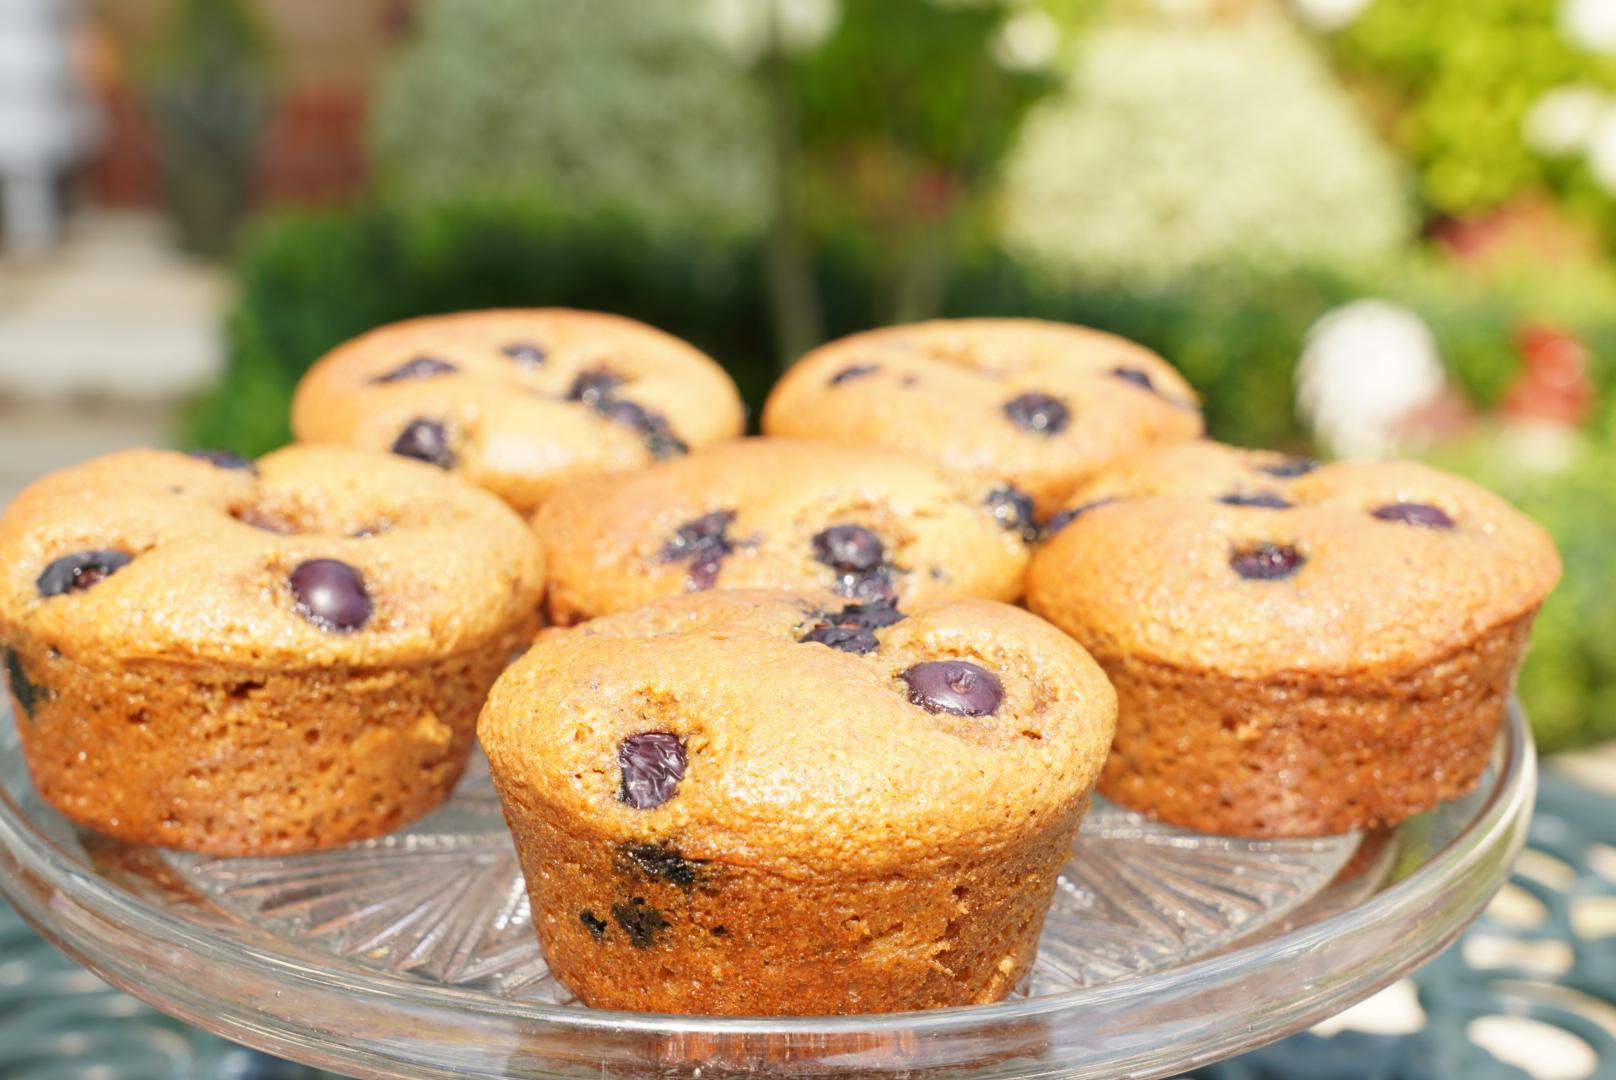 Gluten & refined sugar free muffins